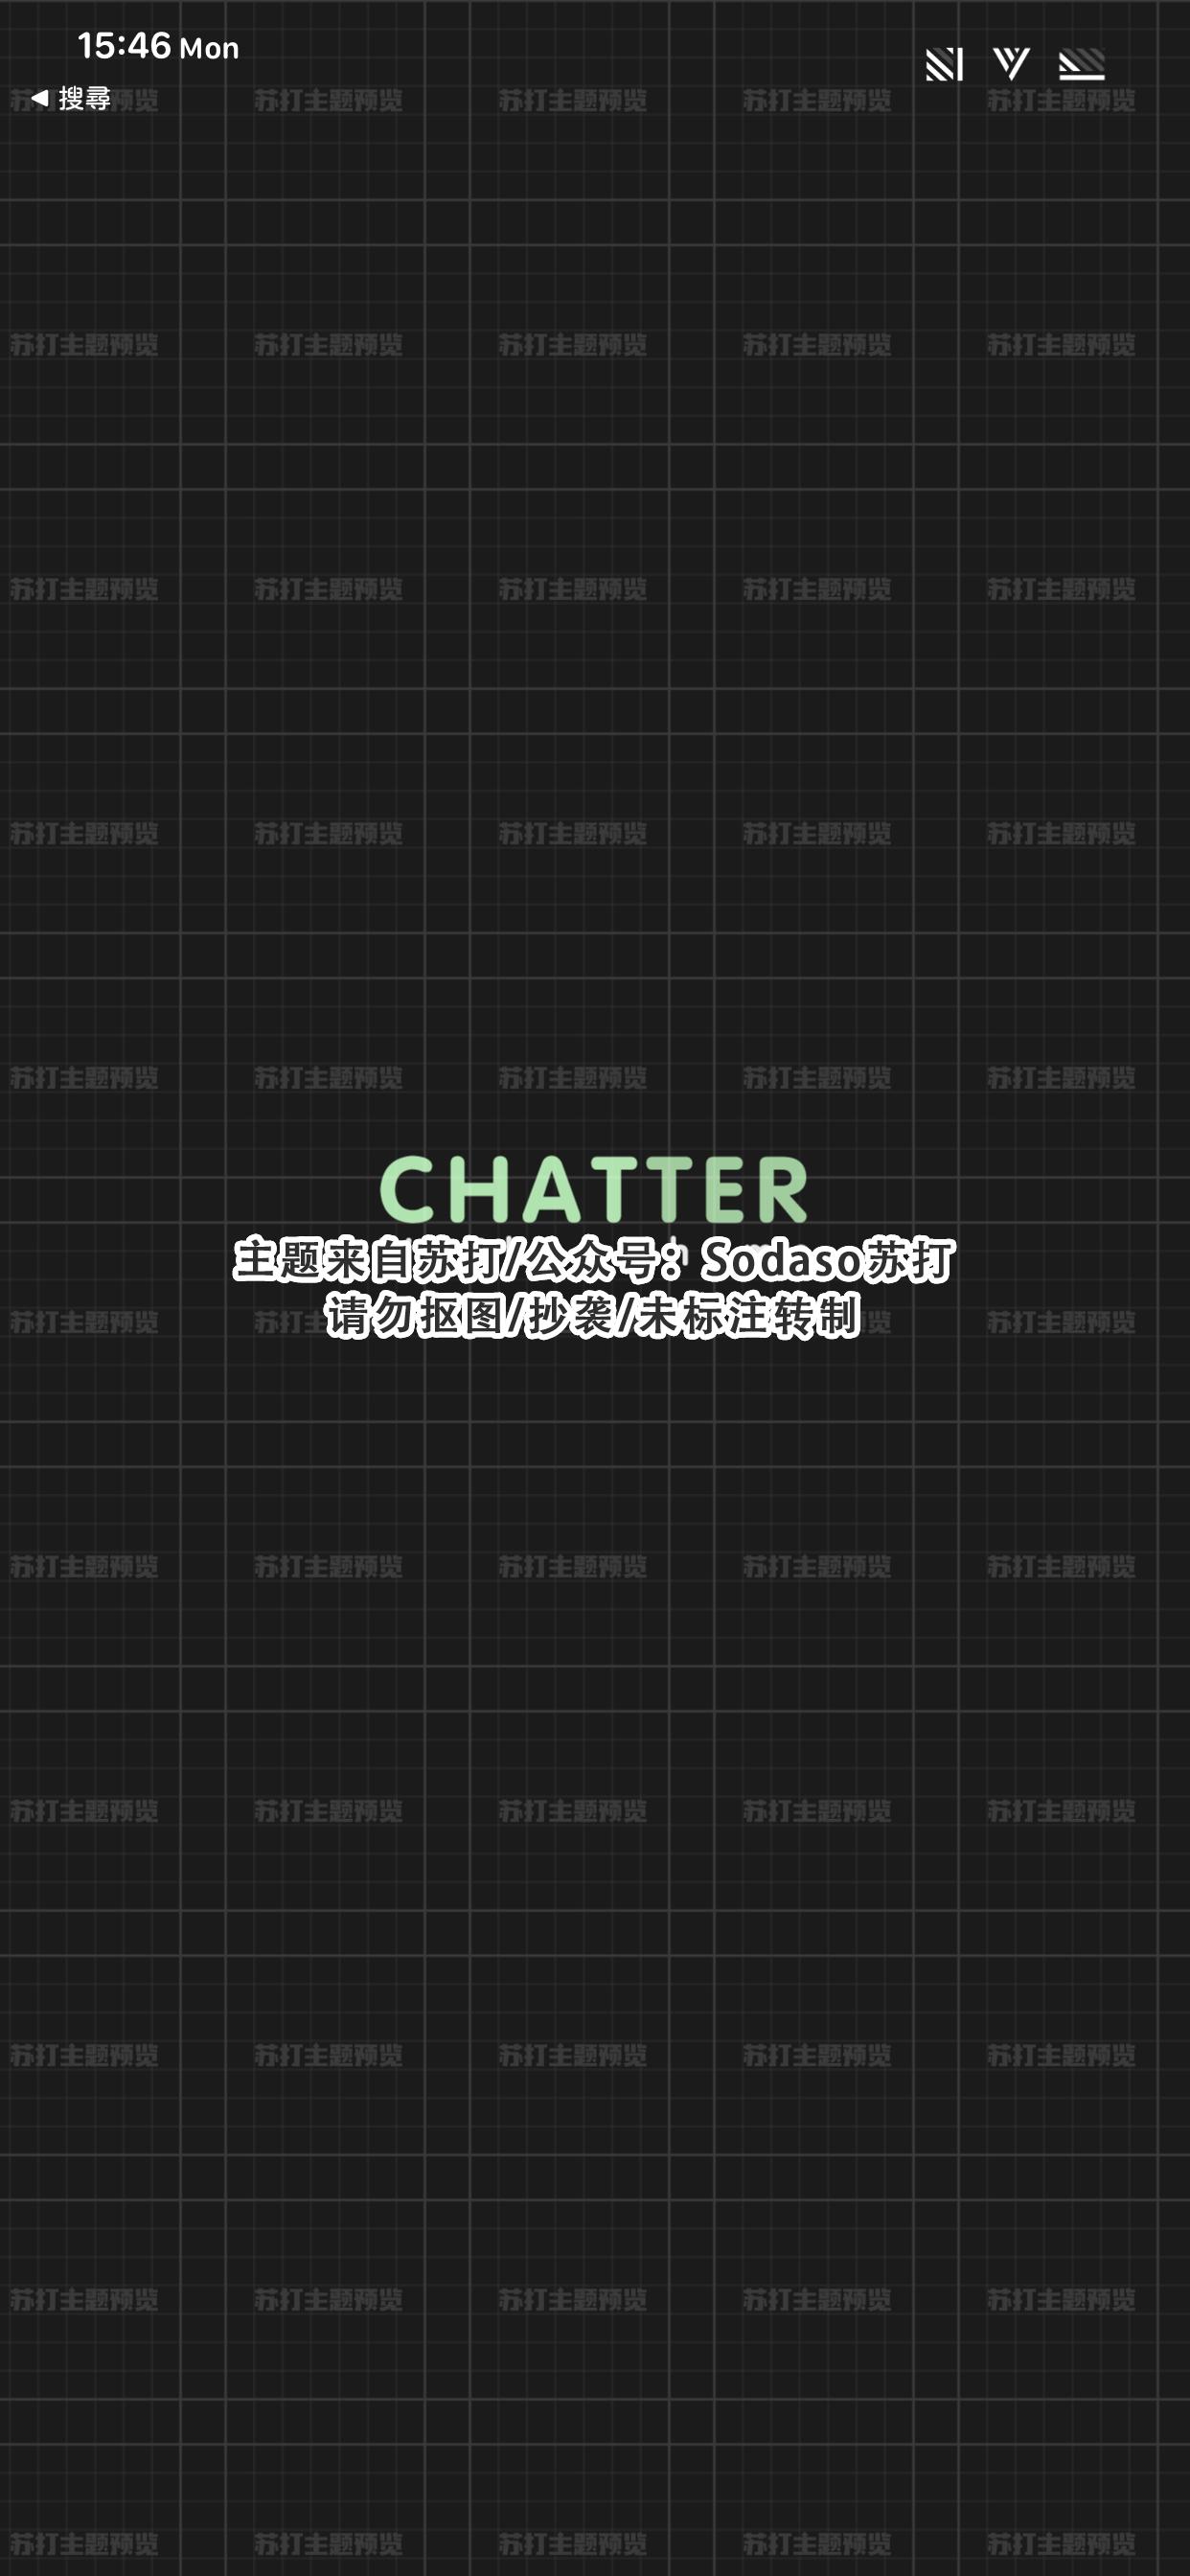 ChatterDark WeChatTheme(暗黑版微信主题) - 1.03